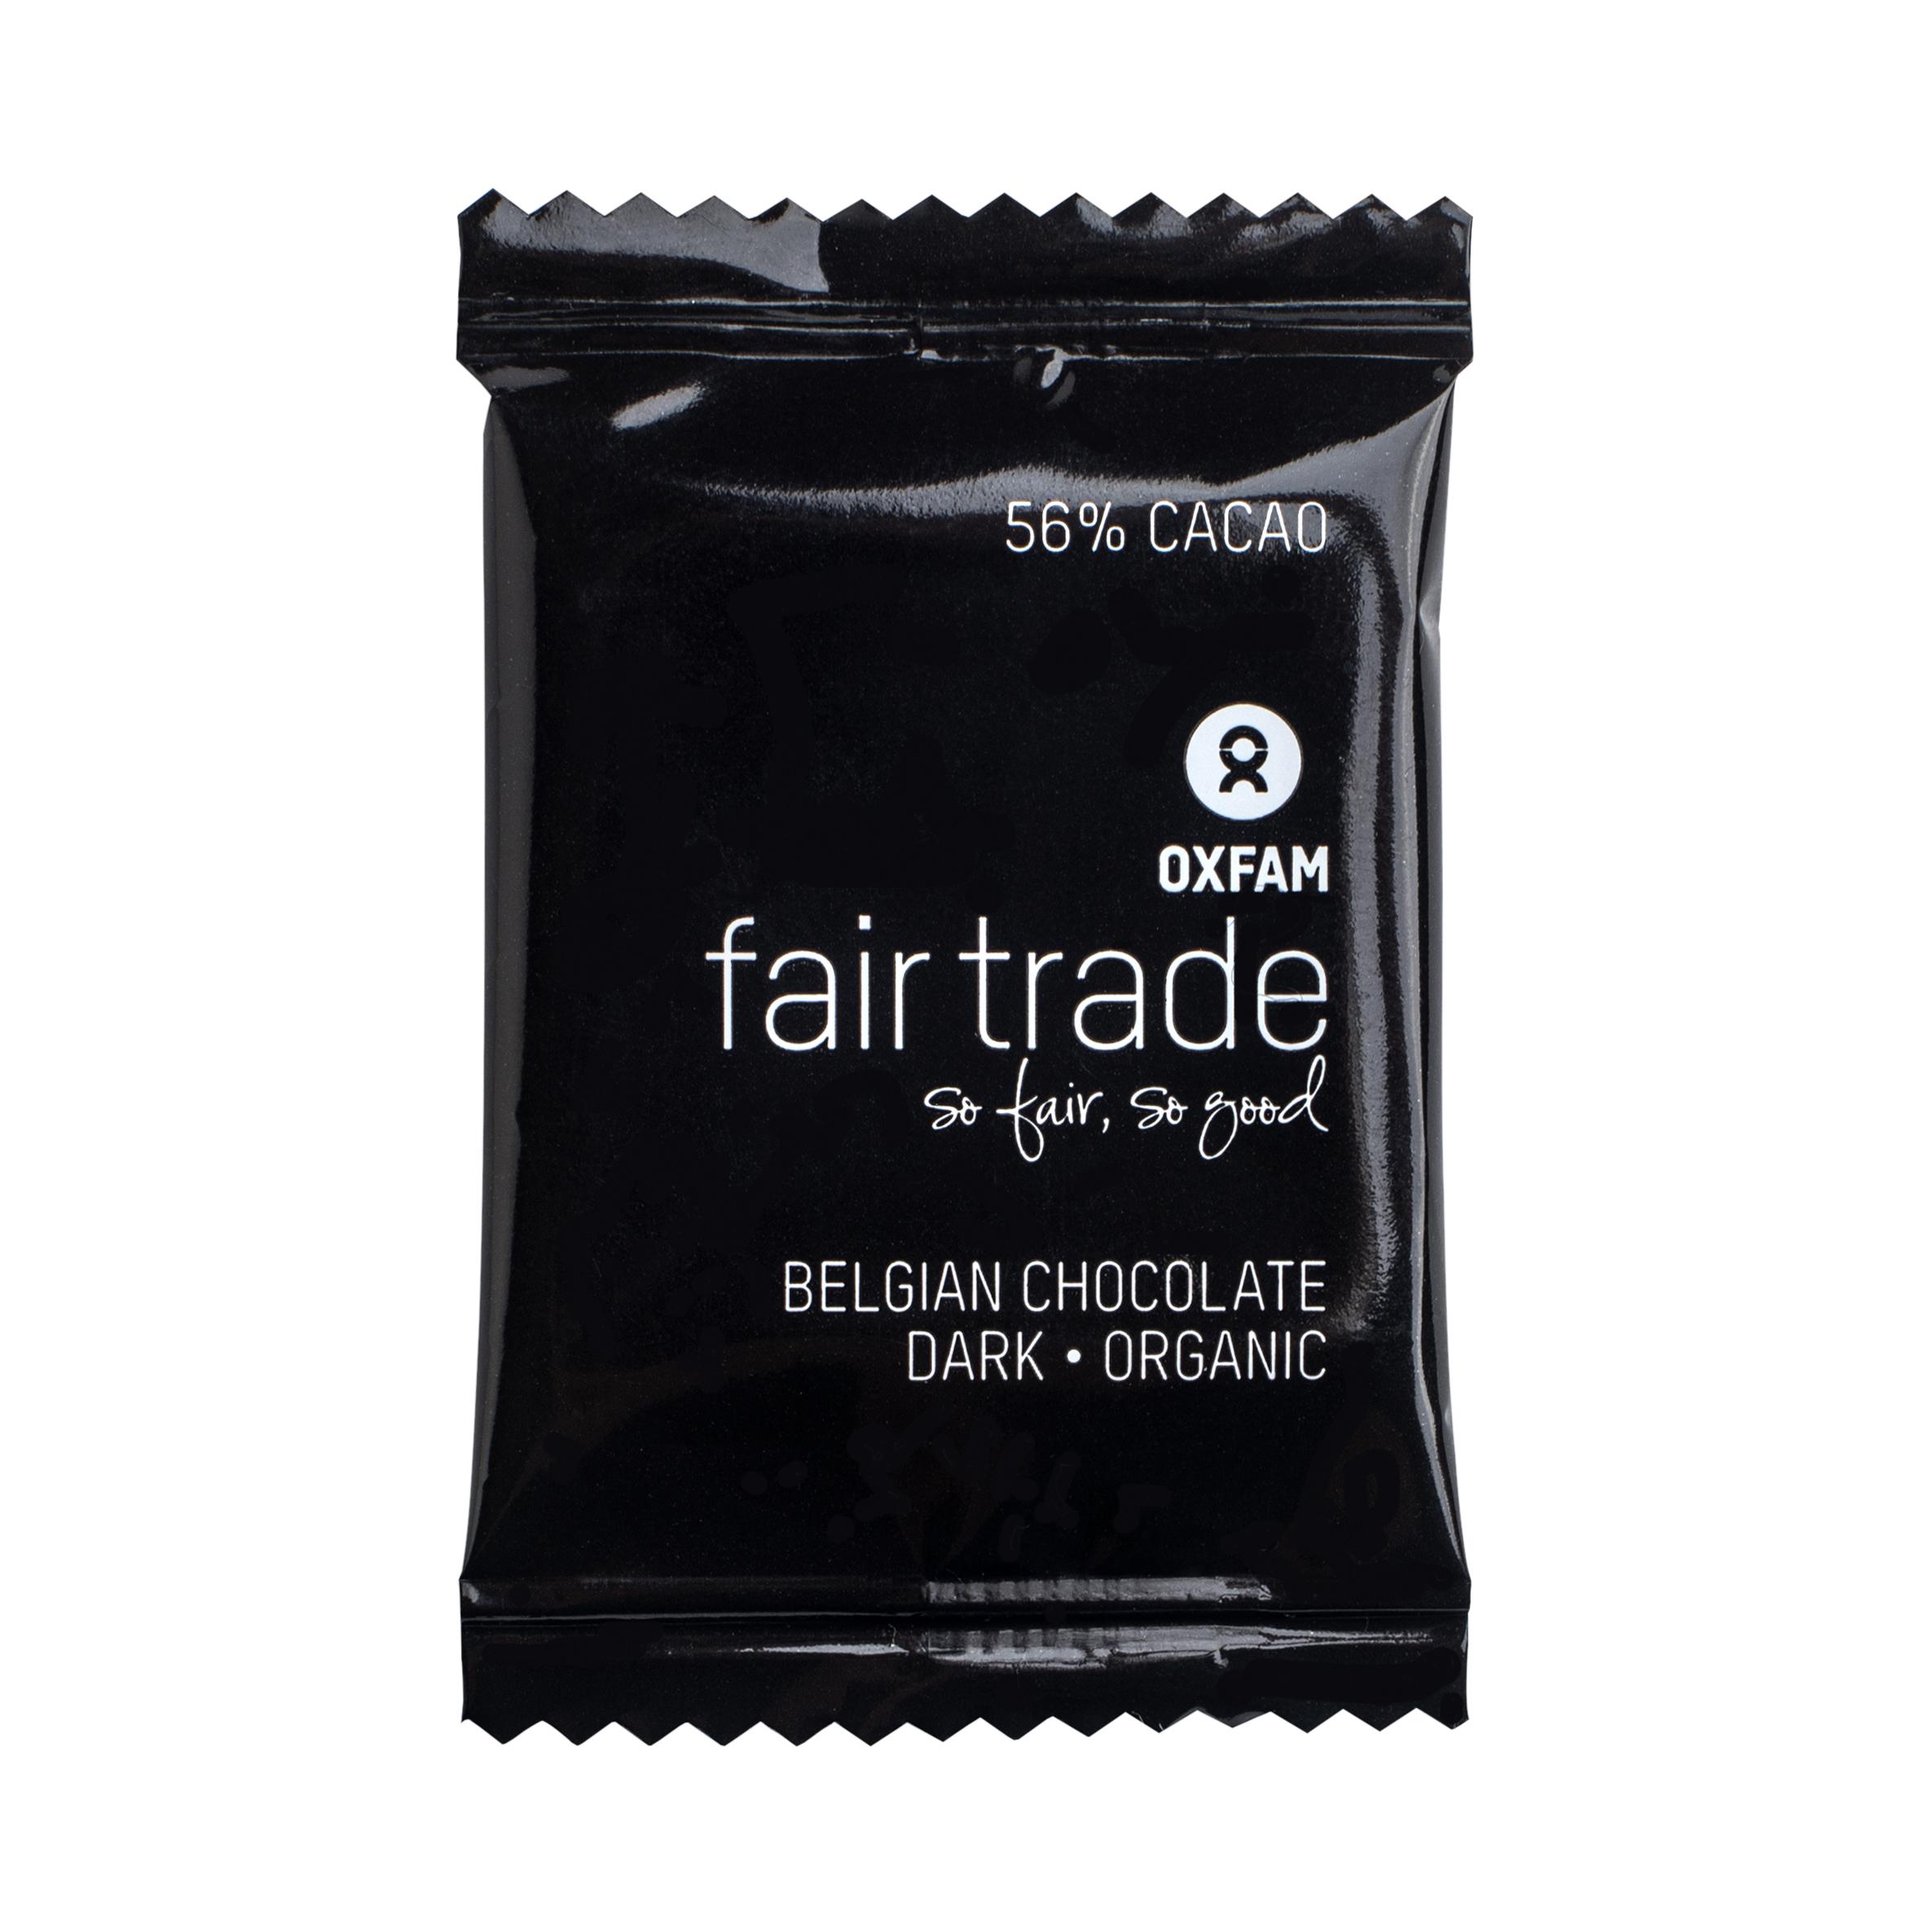 Oxfam Fair Trade 24525